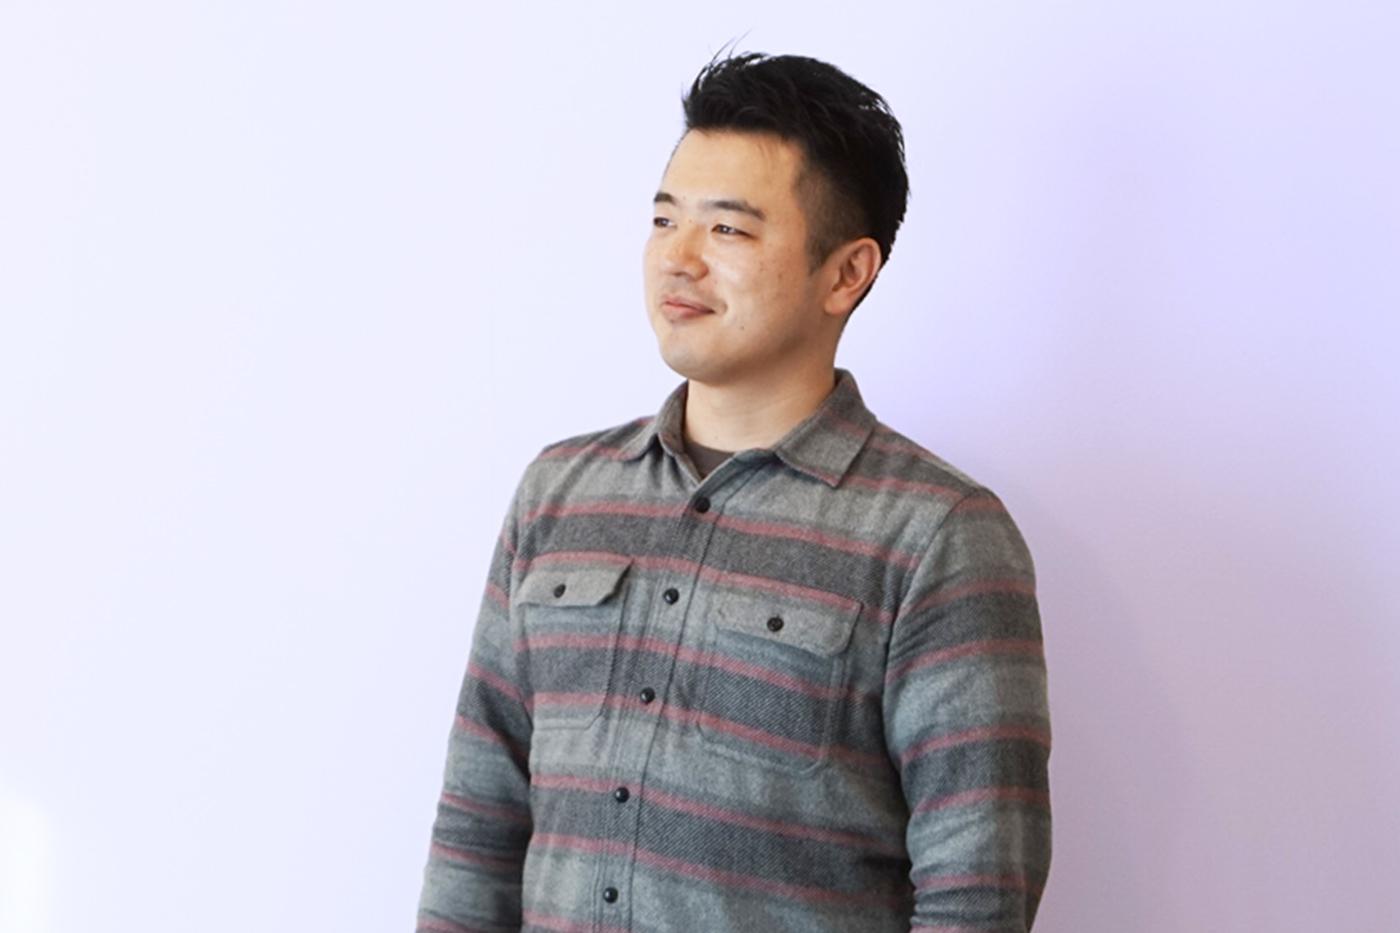 デザインの力で日本の成長産業を世界で勝たせるために。for Startupsに加わった異才。